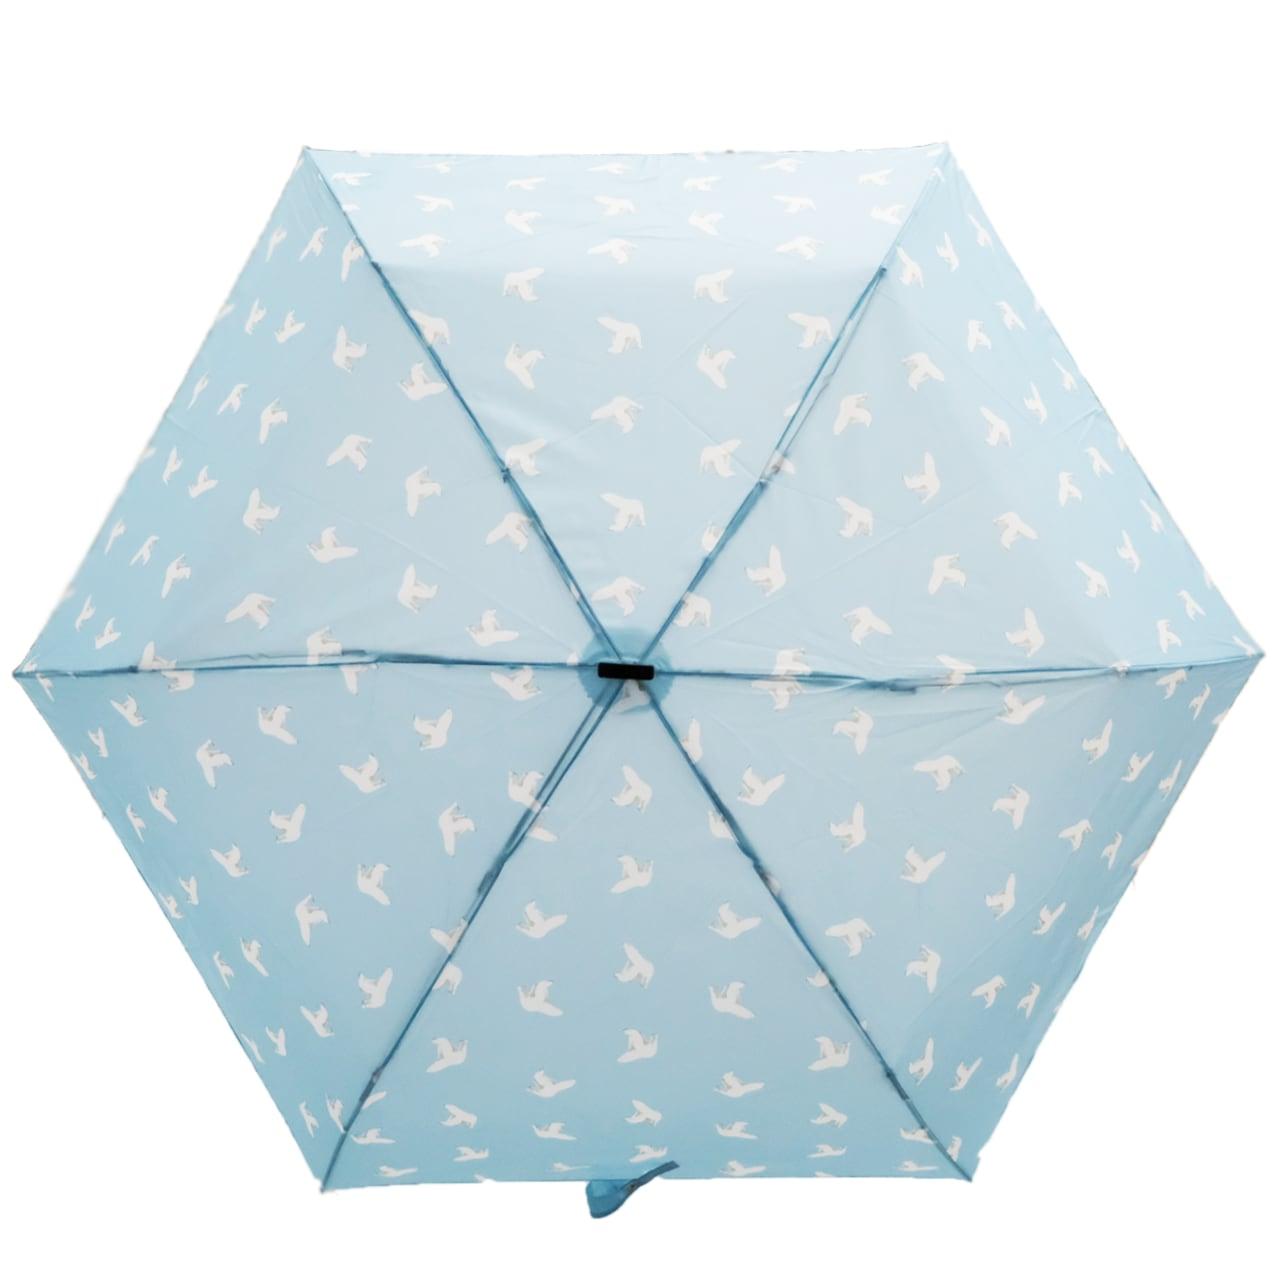 ポンポン 折り畳み傘 ライトブルー